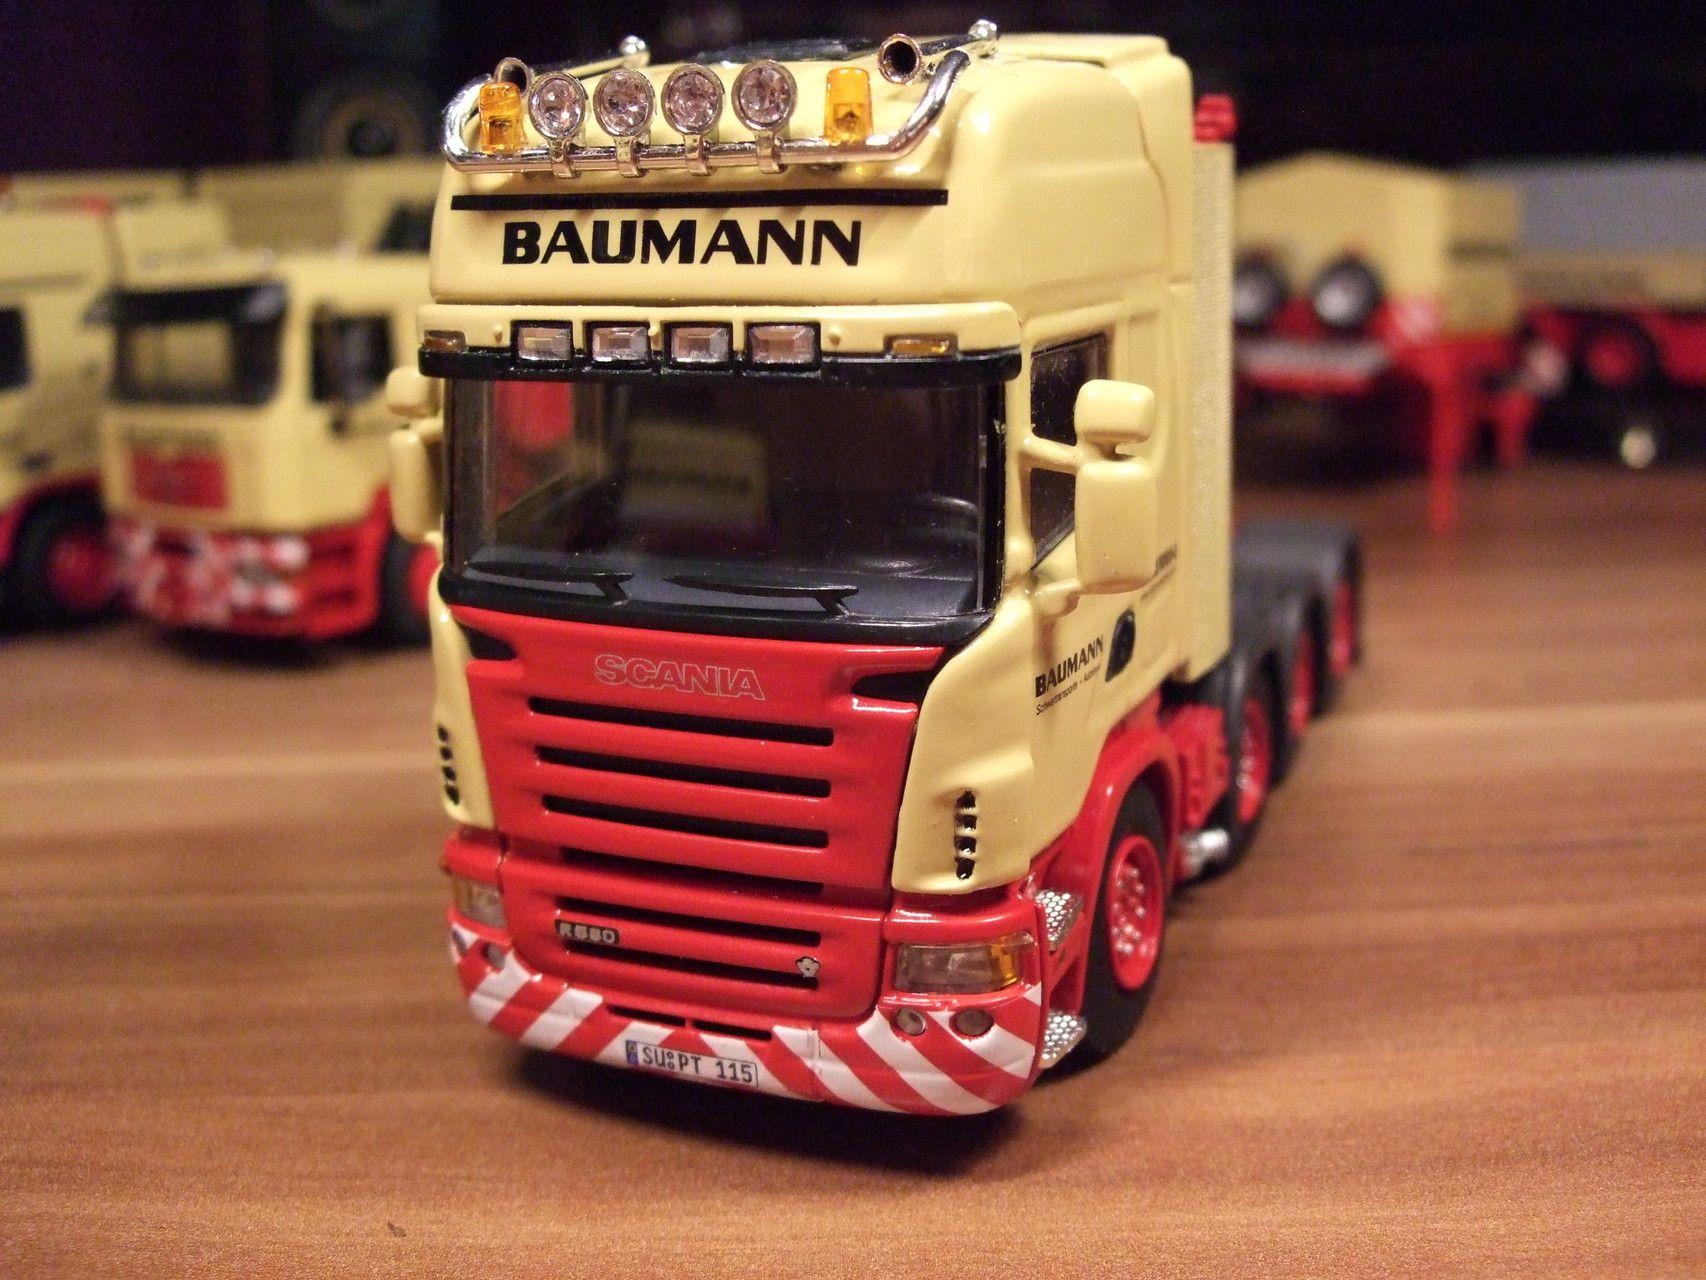 Baumann Modelle Floing Baumann Modelle Modell Mercedes Actros Schwertransport